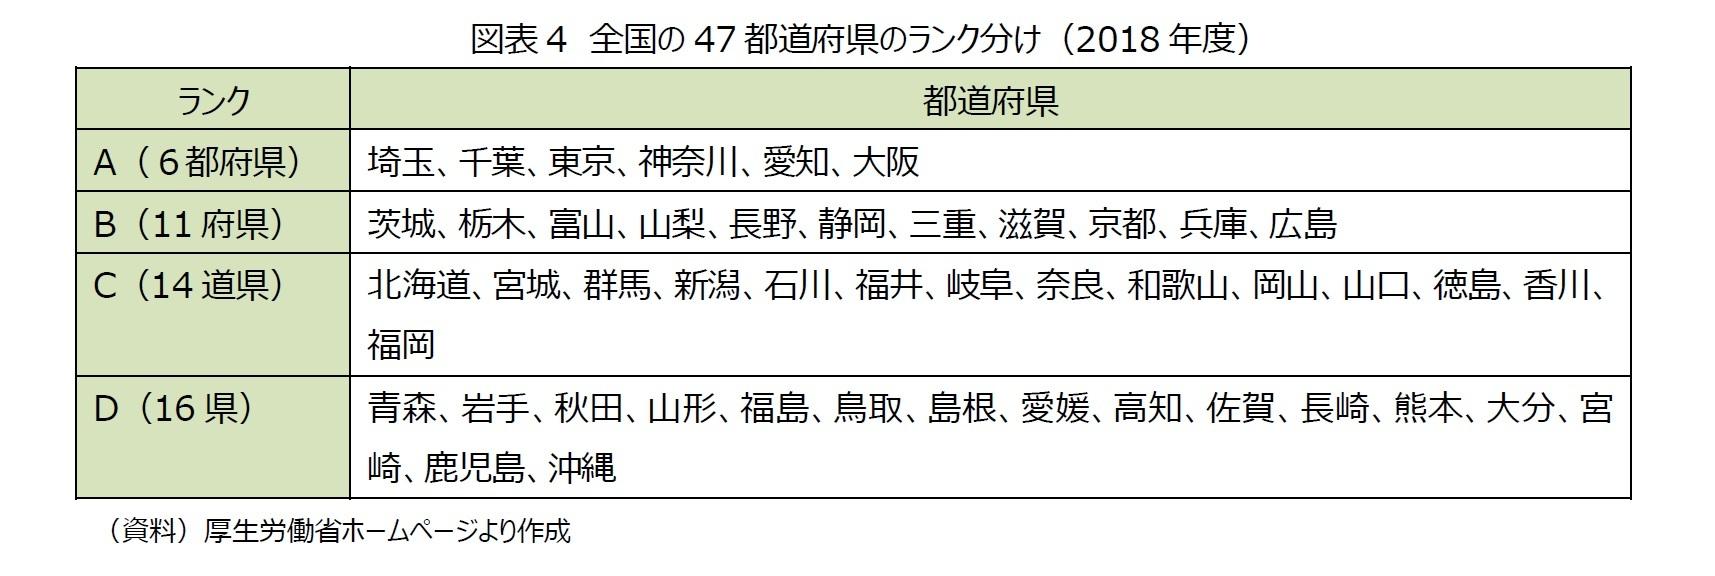 図表4 全国の47都道府県のランク分け(2018年度)